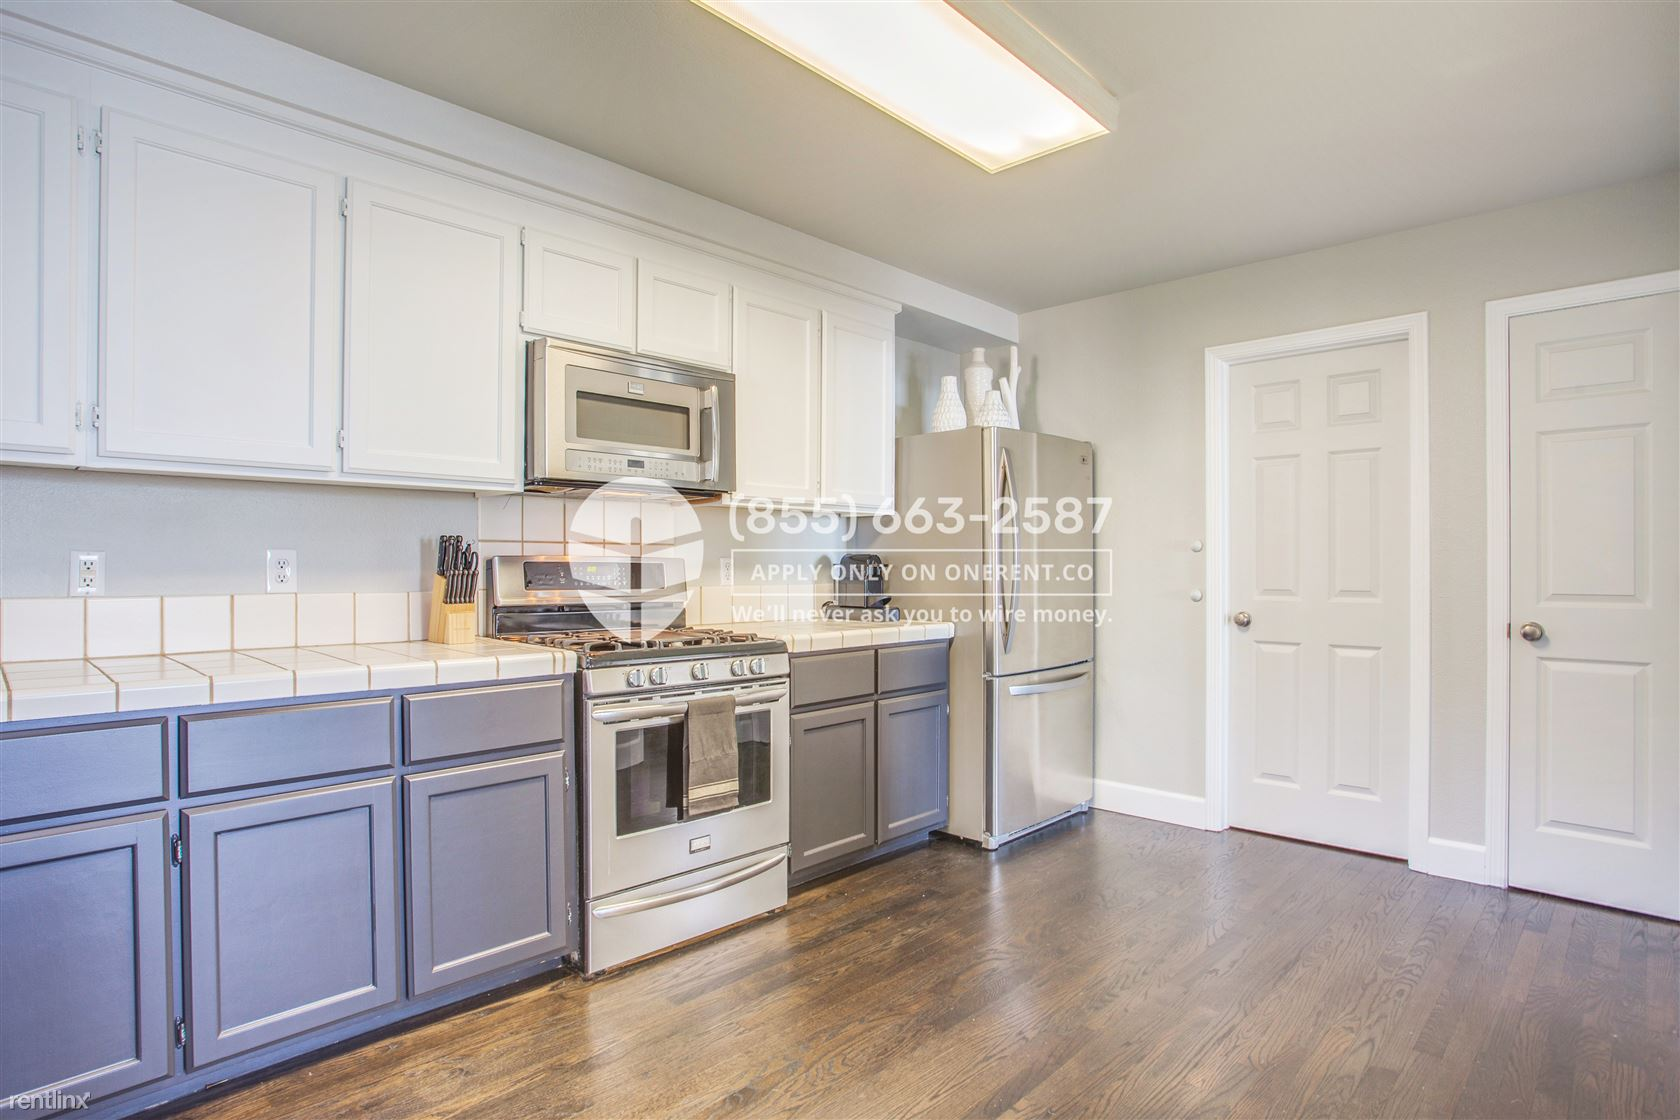 4326 Terrabella Way for rent